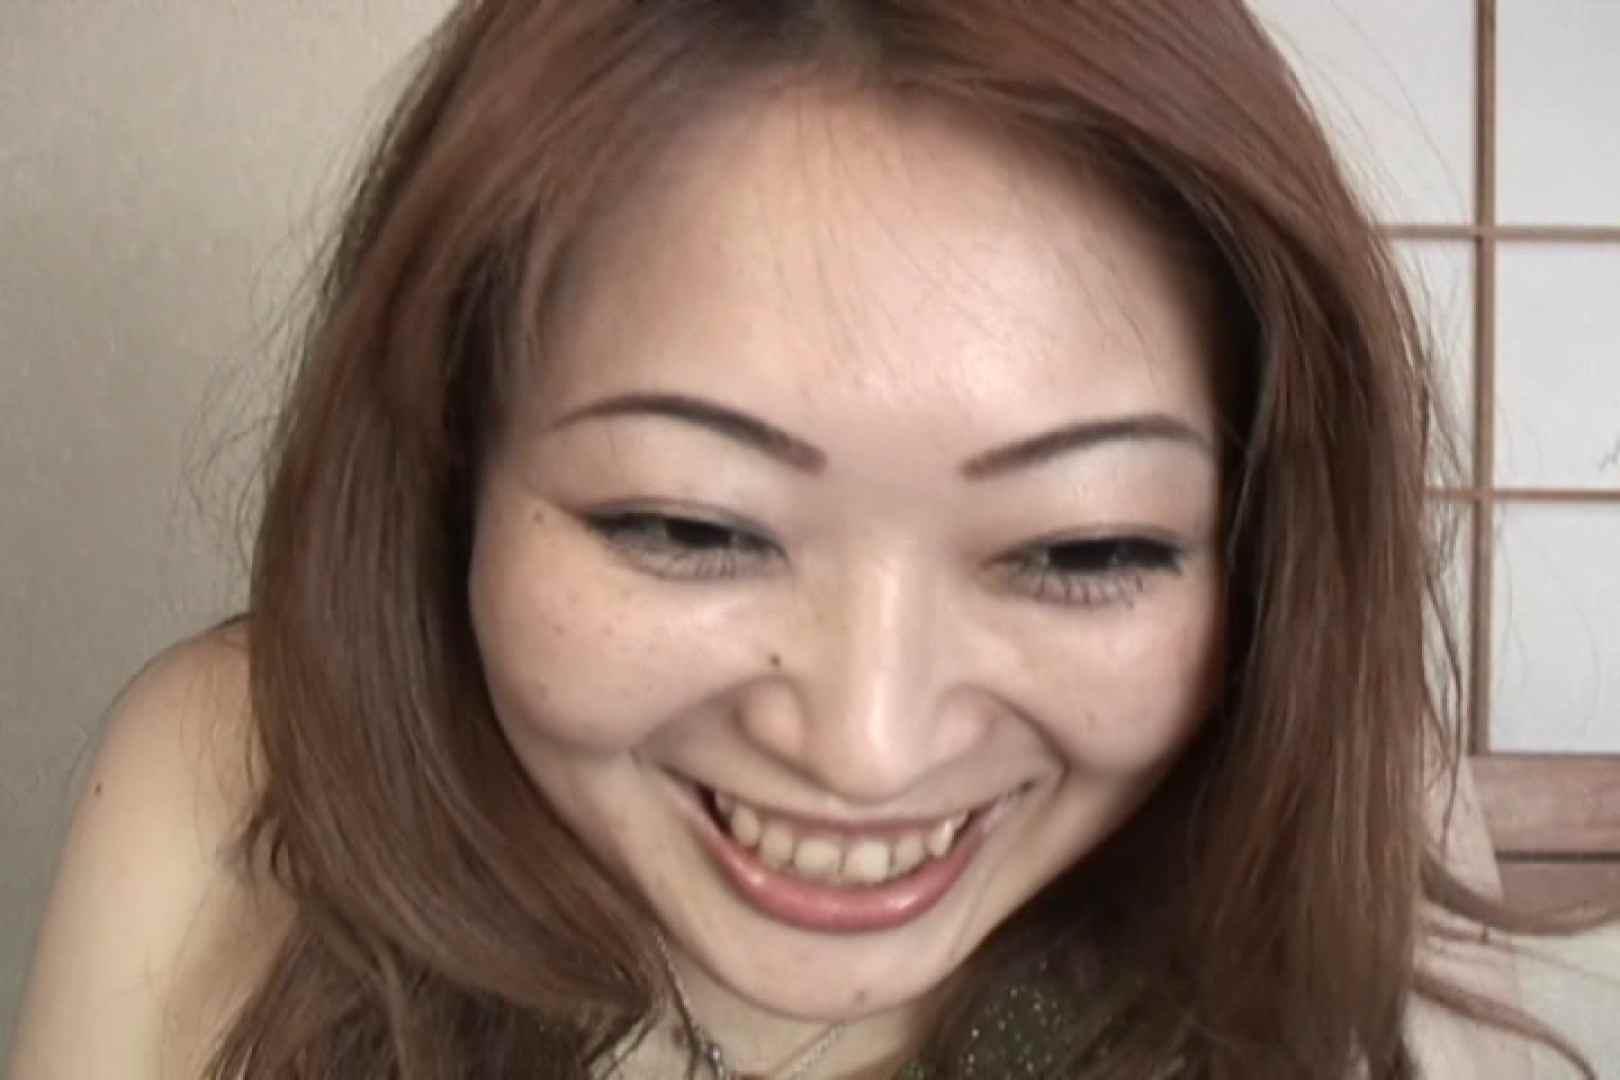 仕事で月200本のチンポを相手する22歳若人妻~桜井あい~ 熟女  22連発 3